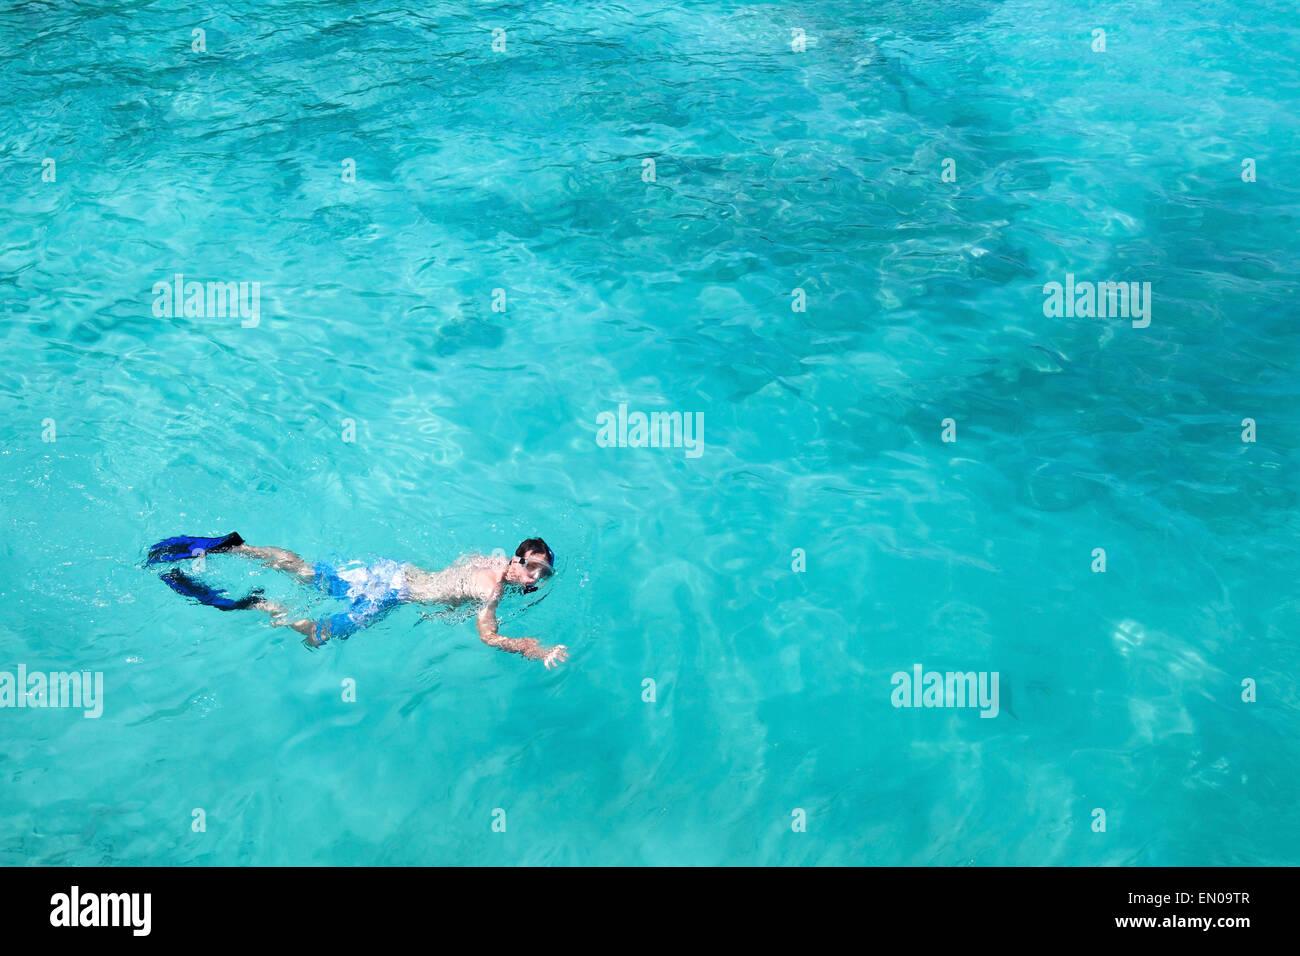 Snorkeling, vista superior del hombre nadando con aletas y máscara, espacio de copia Imagen De Stock